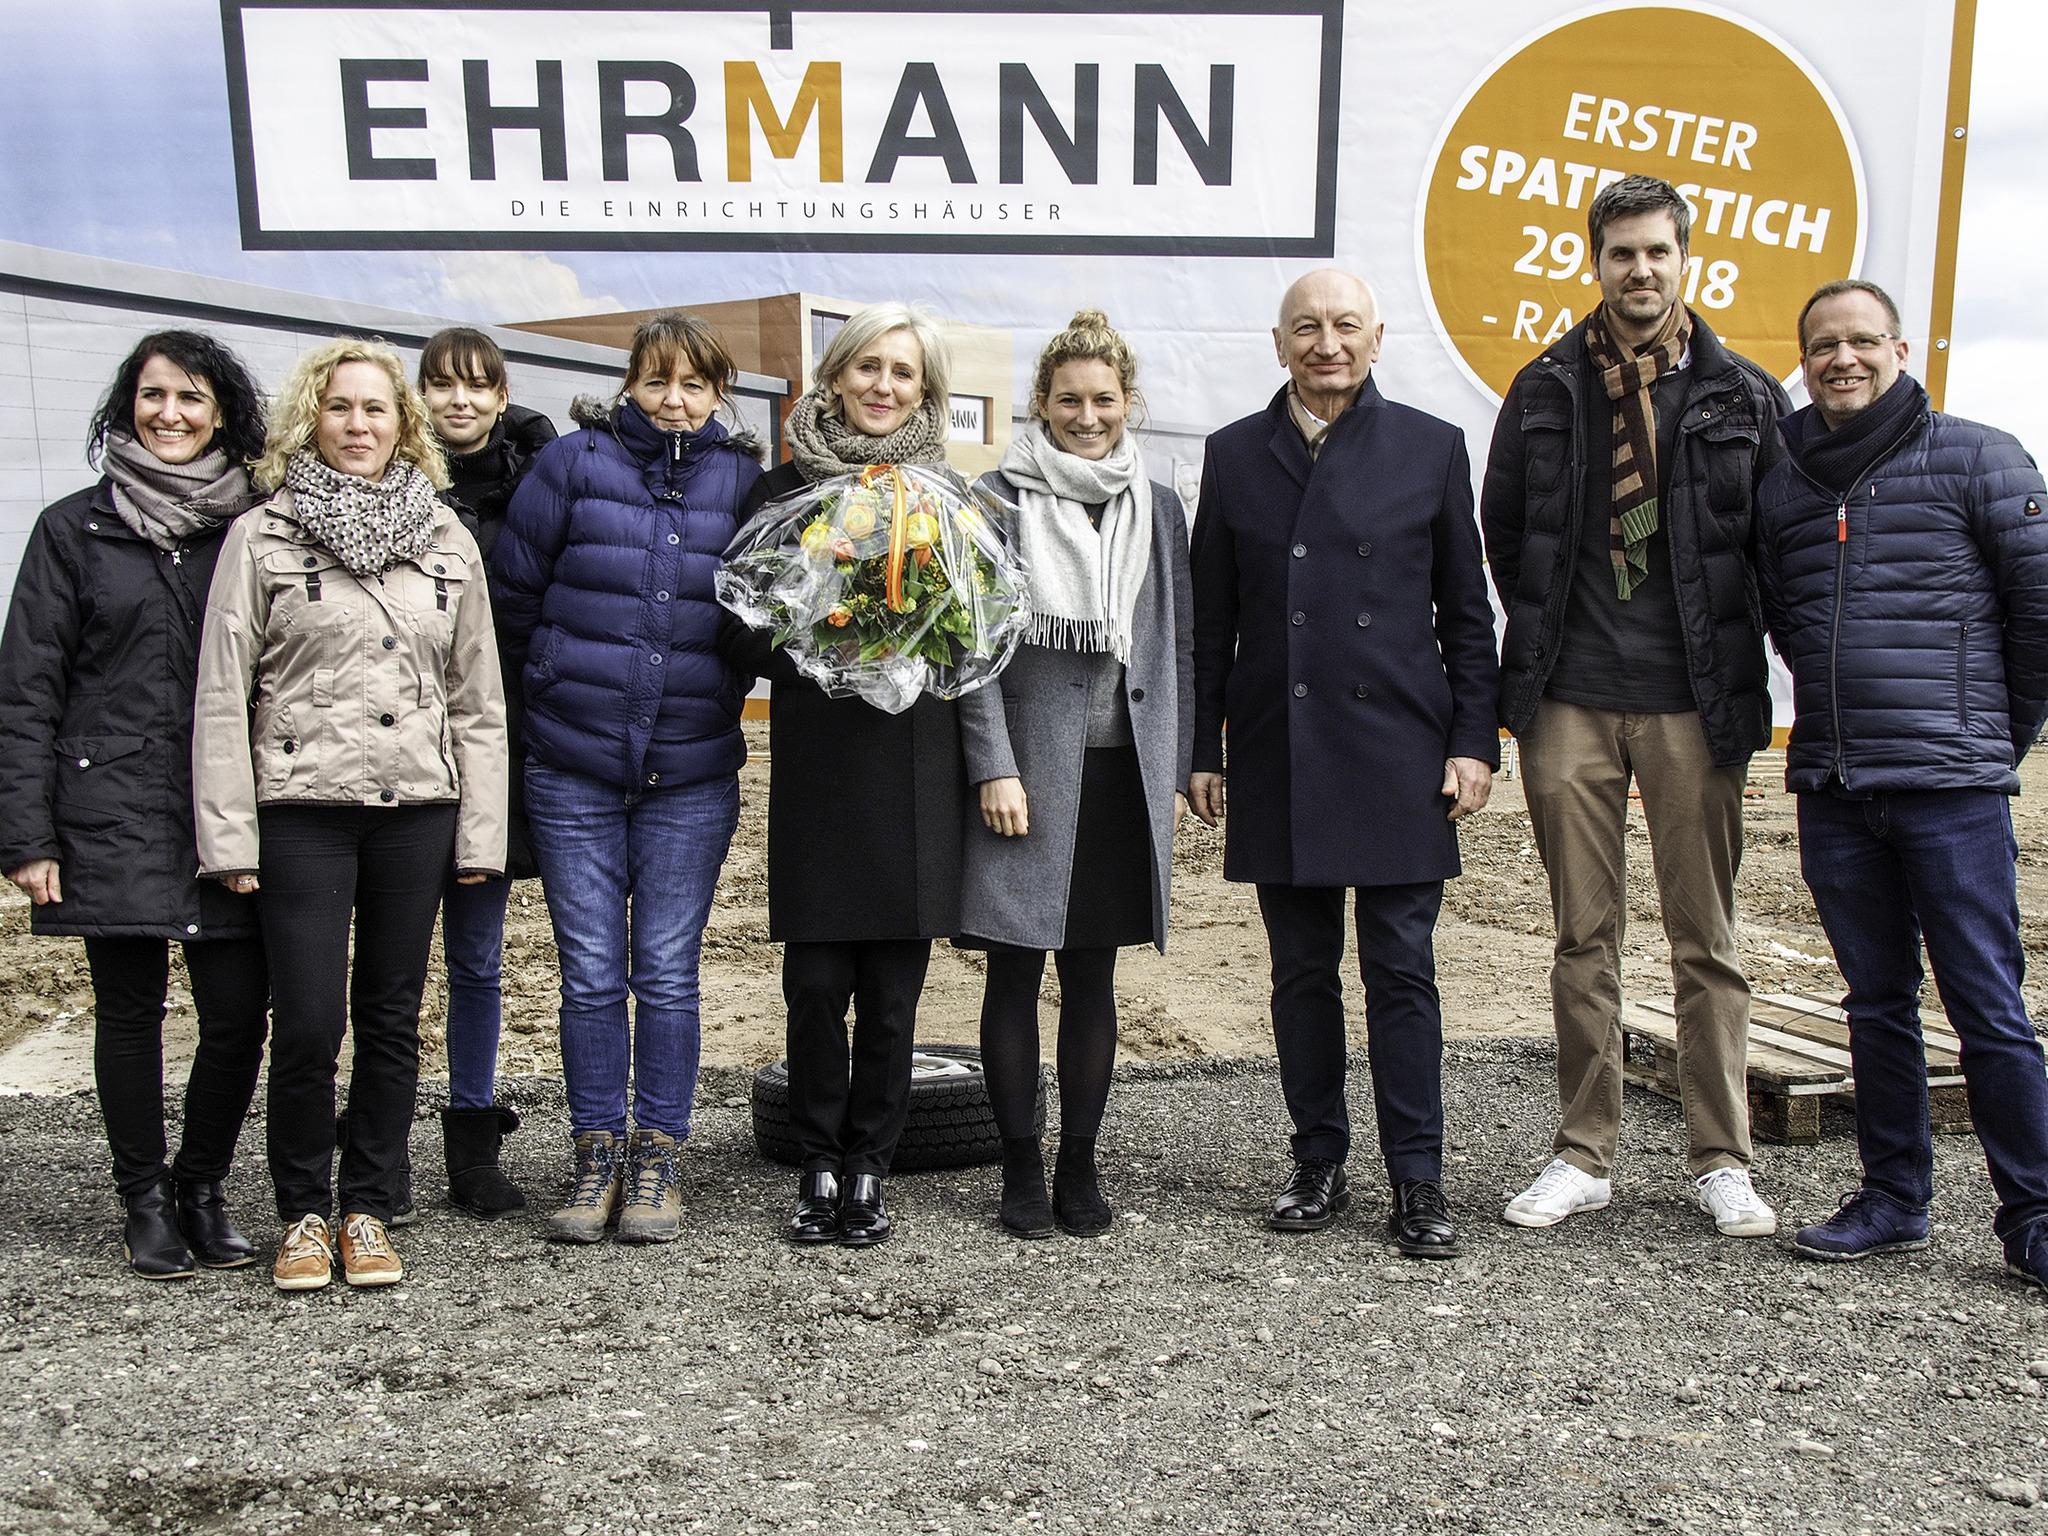 Möbel Bild Möbel Ehrmann Rastatt Eröffnung